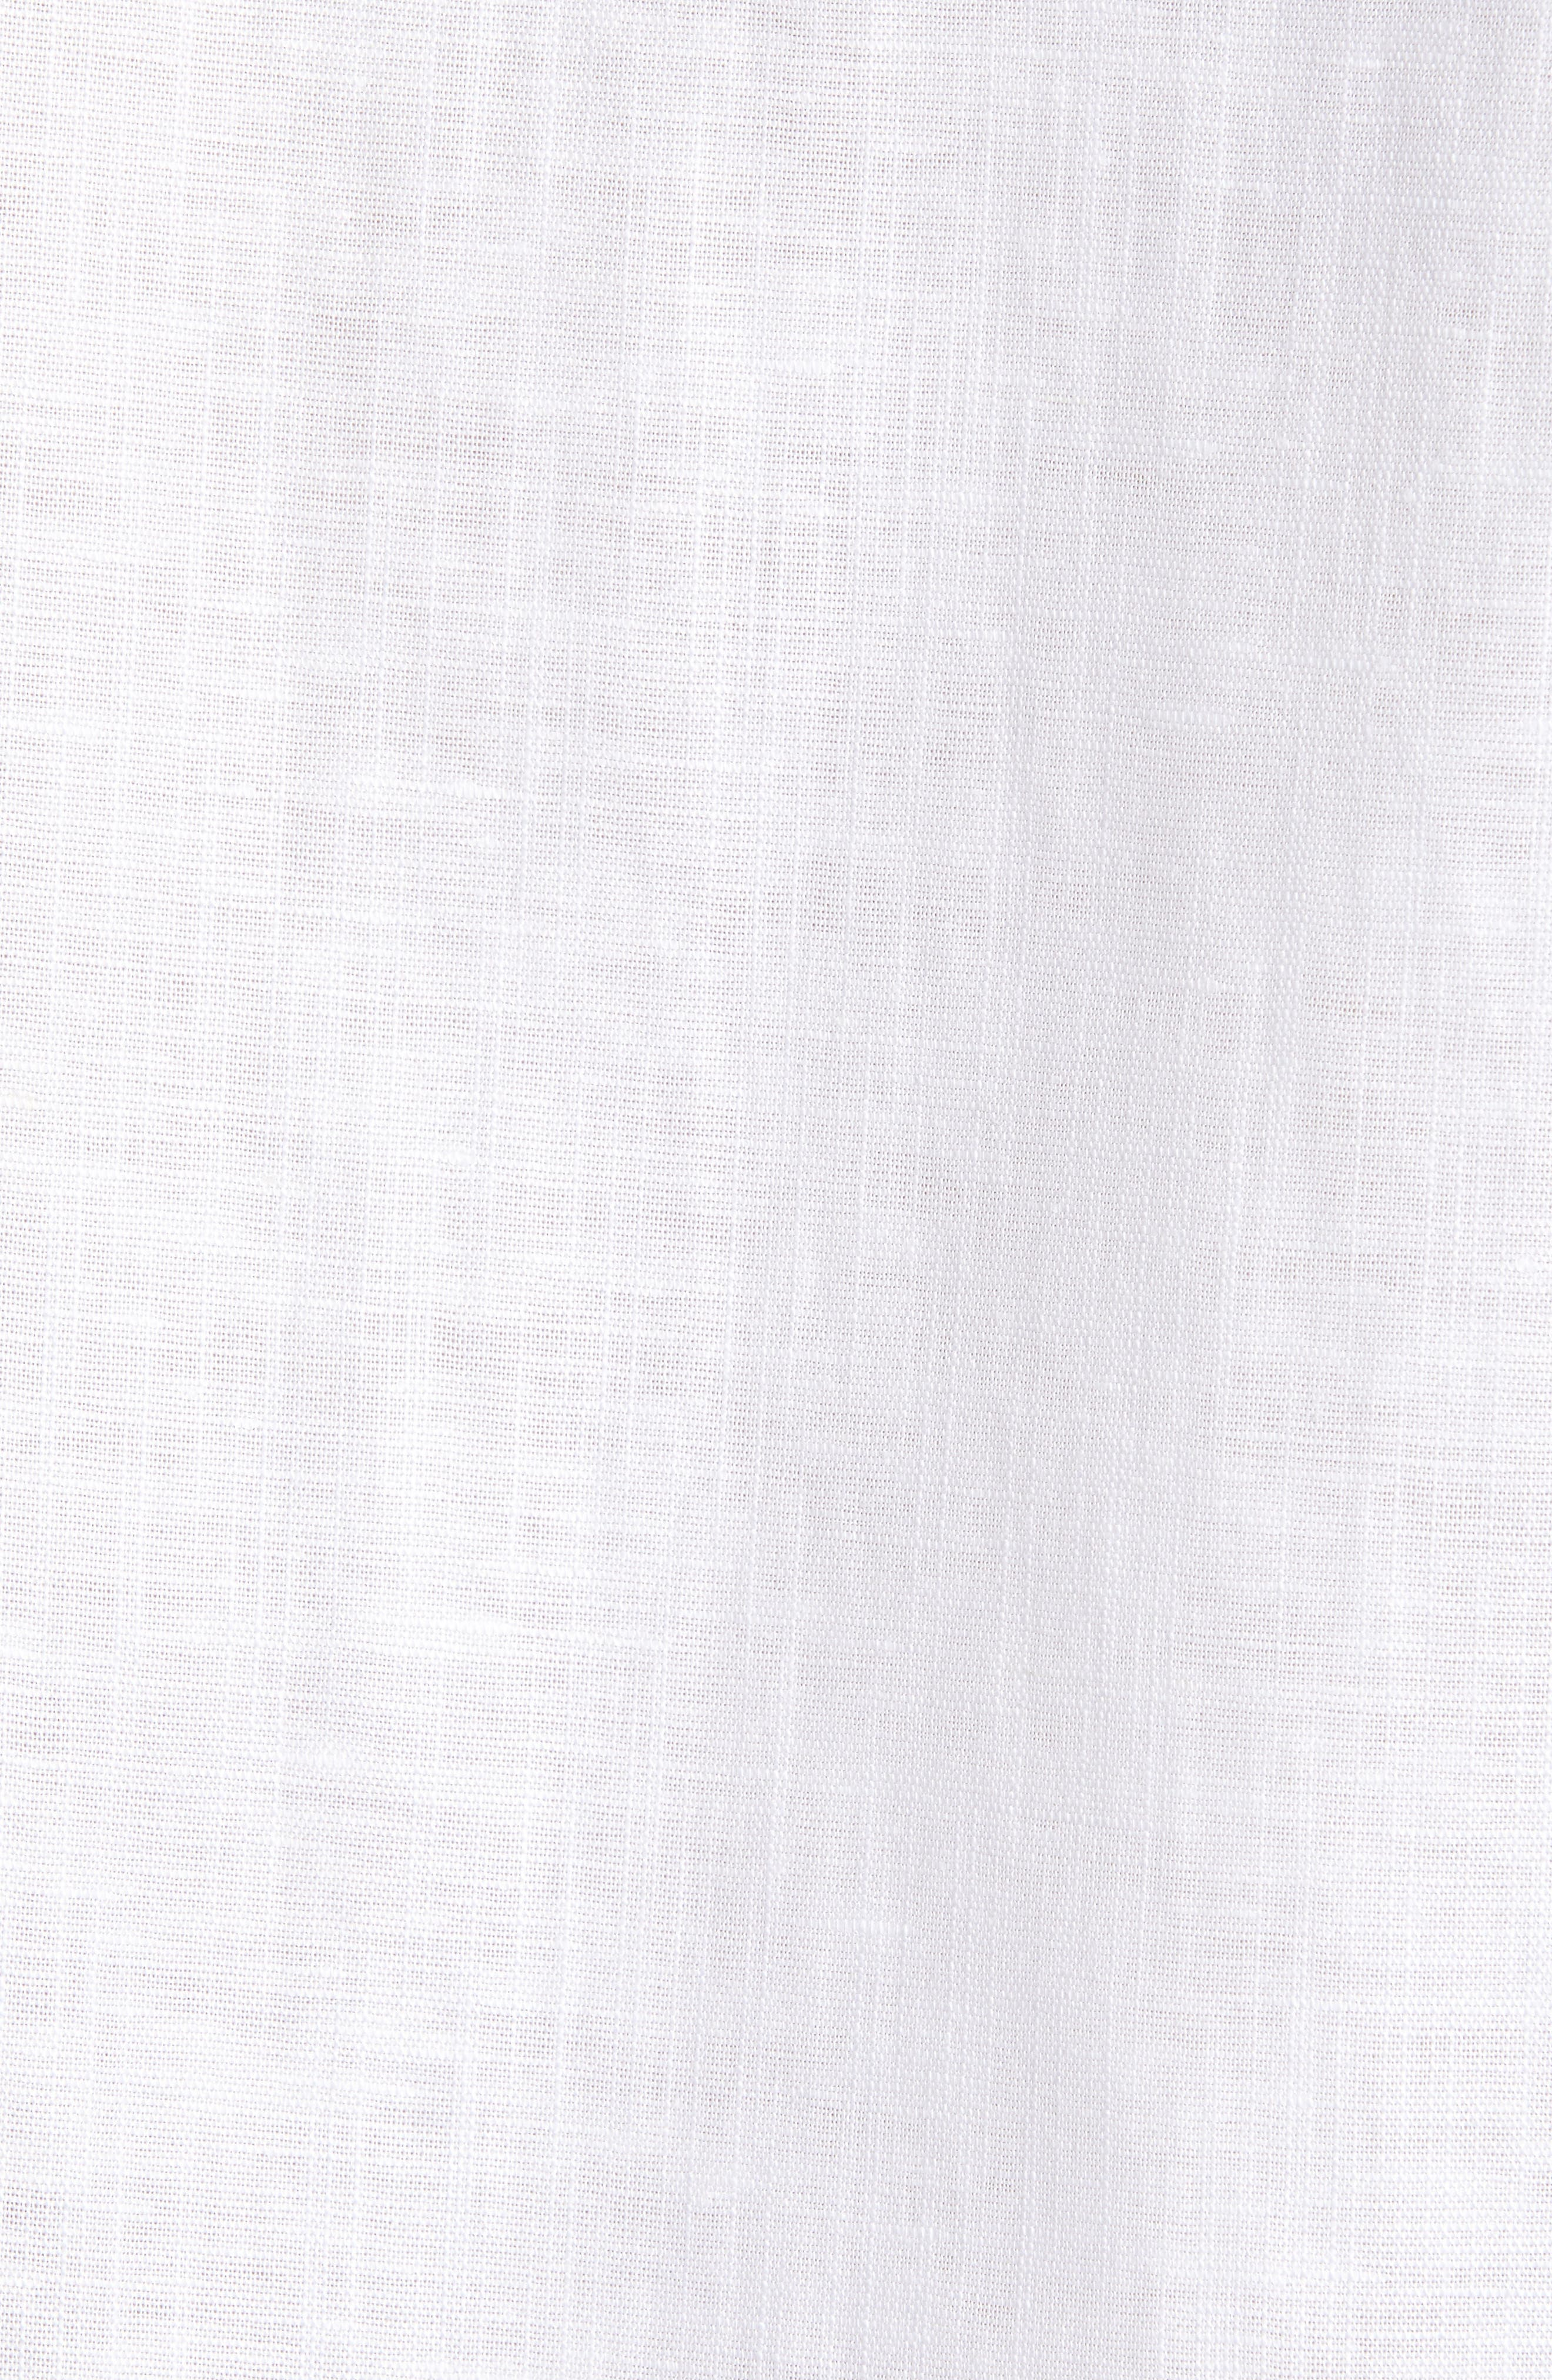 TED BAKER LONDON, Emuu Slim Fit Linen Shirt, Alternate thumbnail 5, color, WHITE